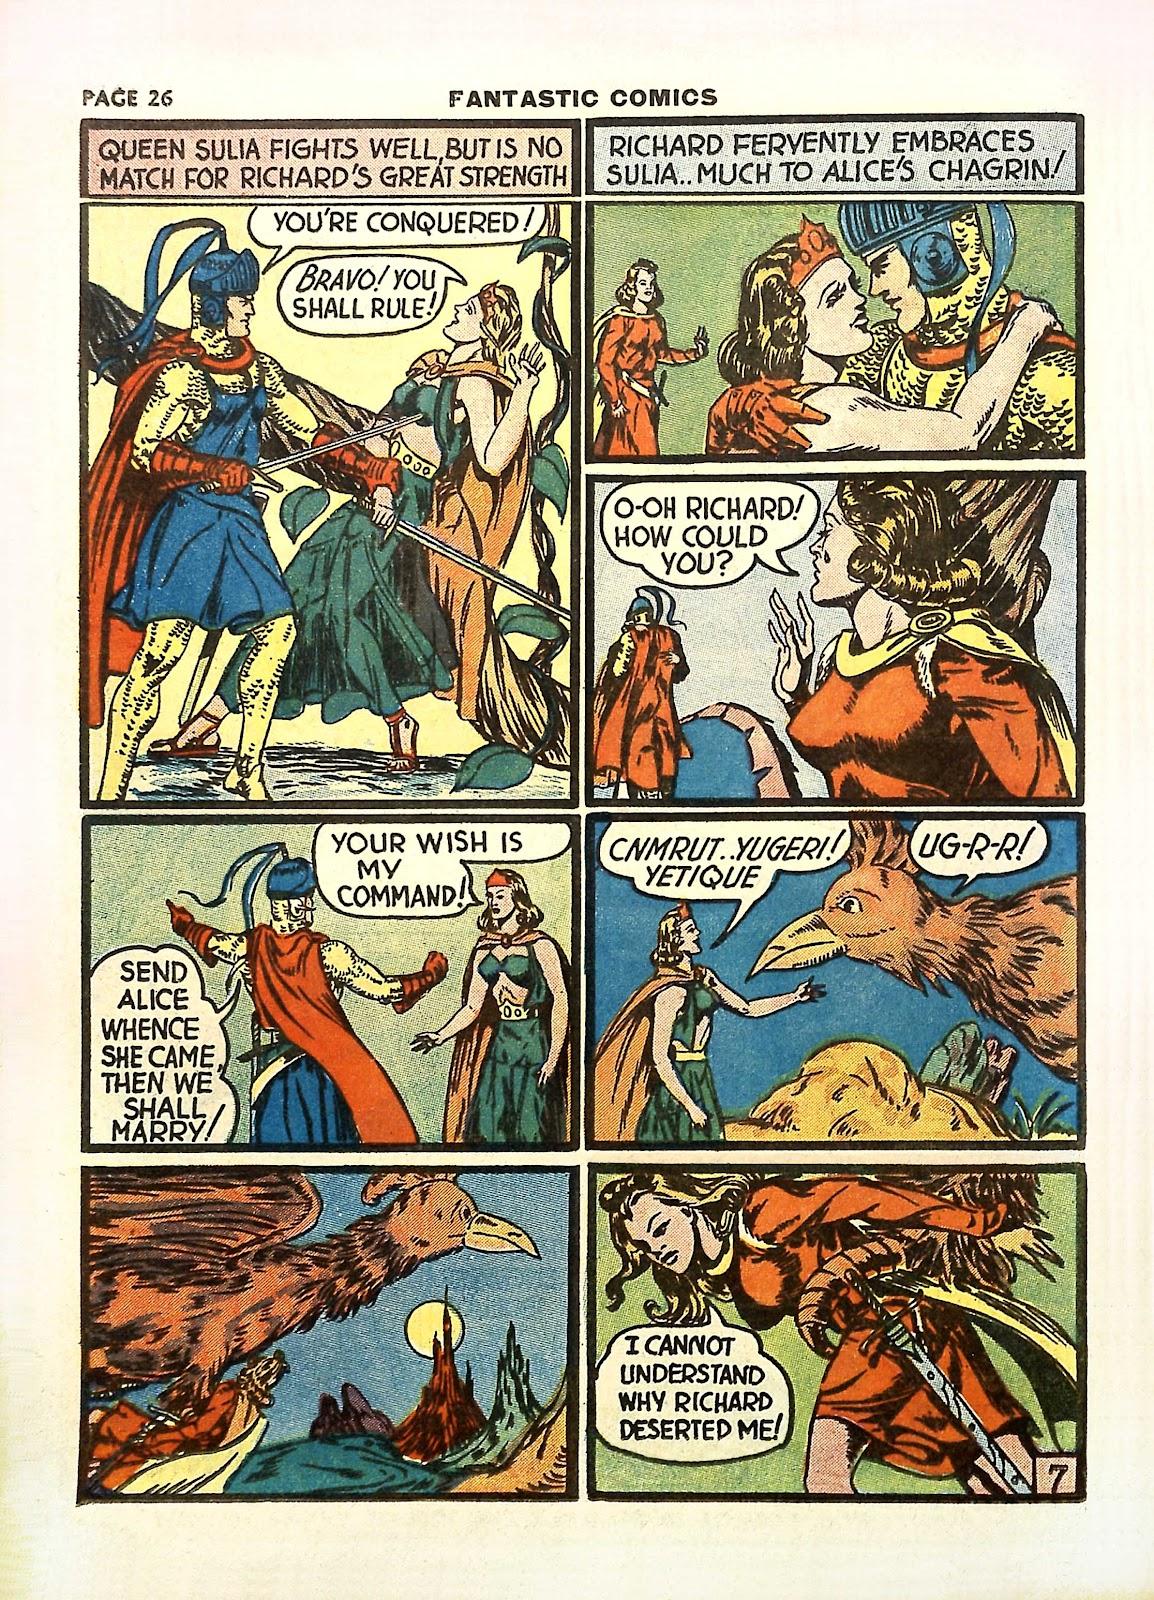 Read online Fantastic Comics comic -  Issue #11 - 29